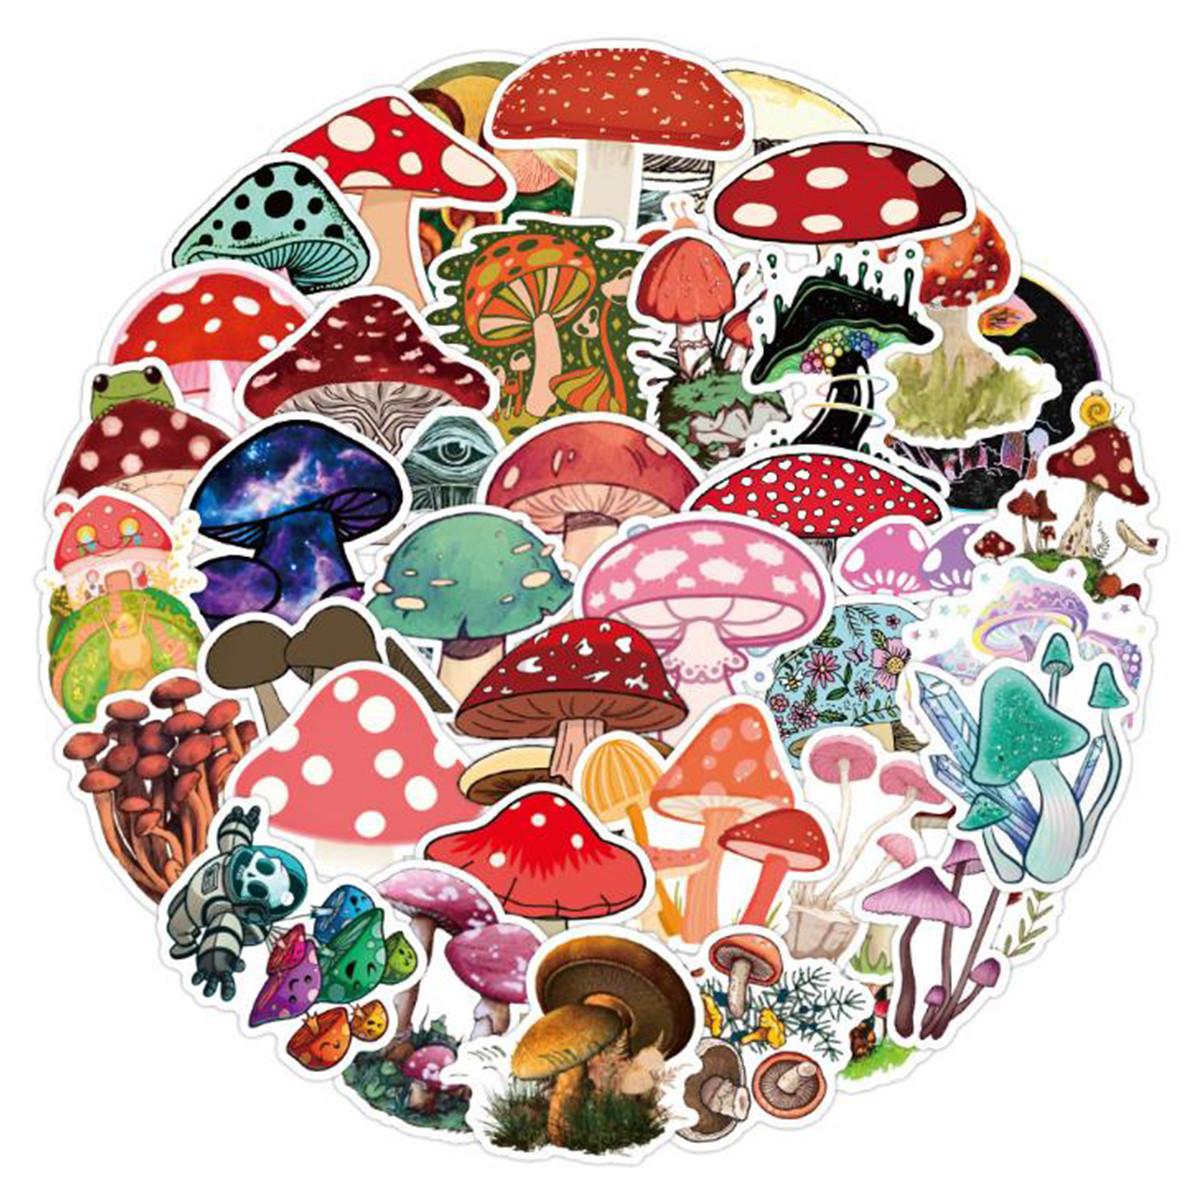 Nipple Covers Mushroom Shrooms Pasties Boobie Stickers